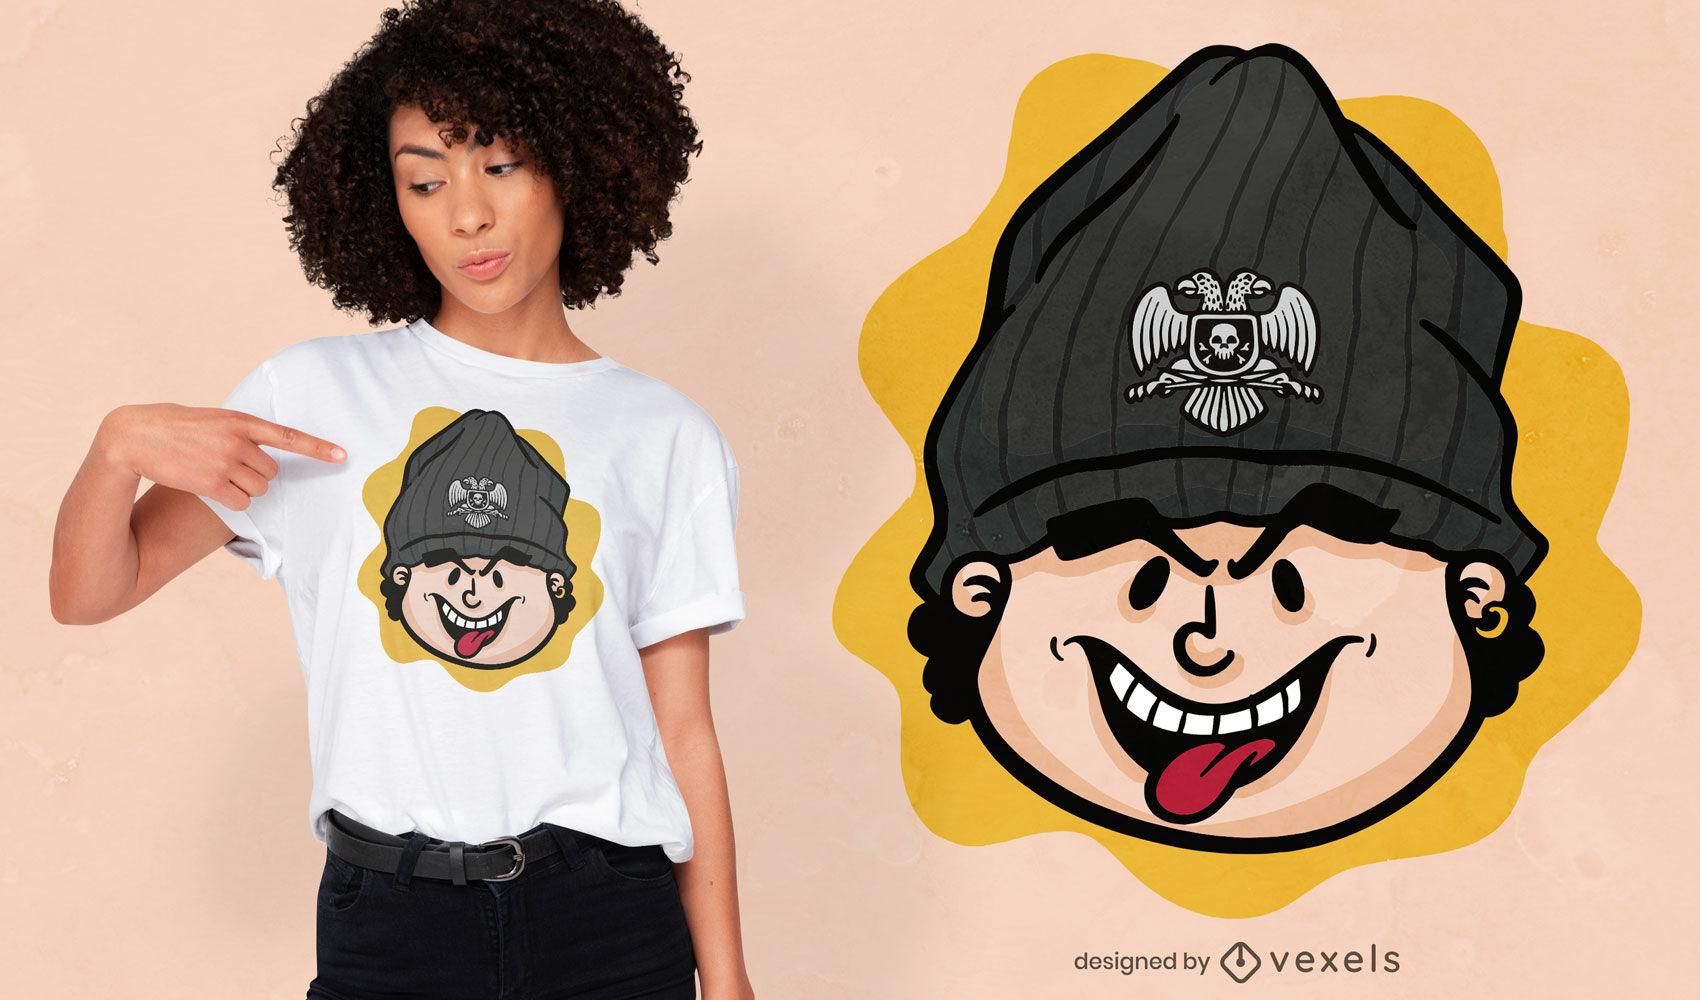 Camiseta de sombrero de bandera serbia de niño de dibujos animados dsign